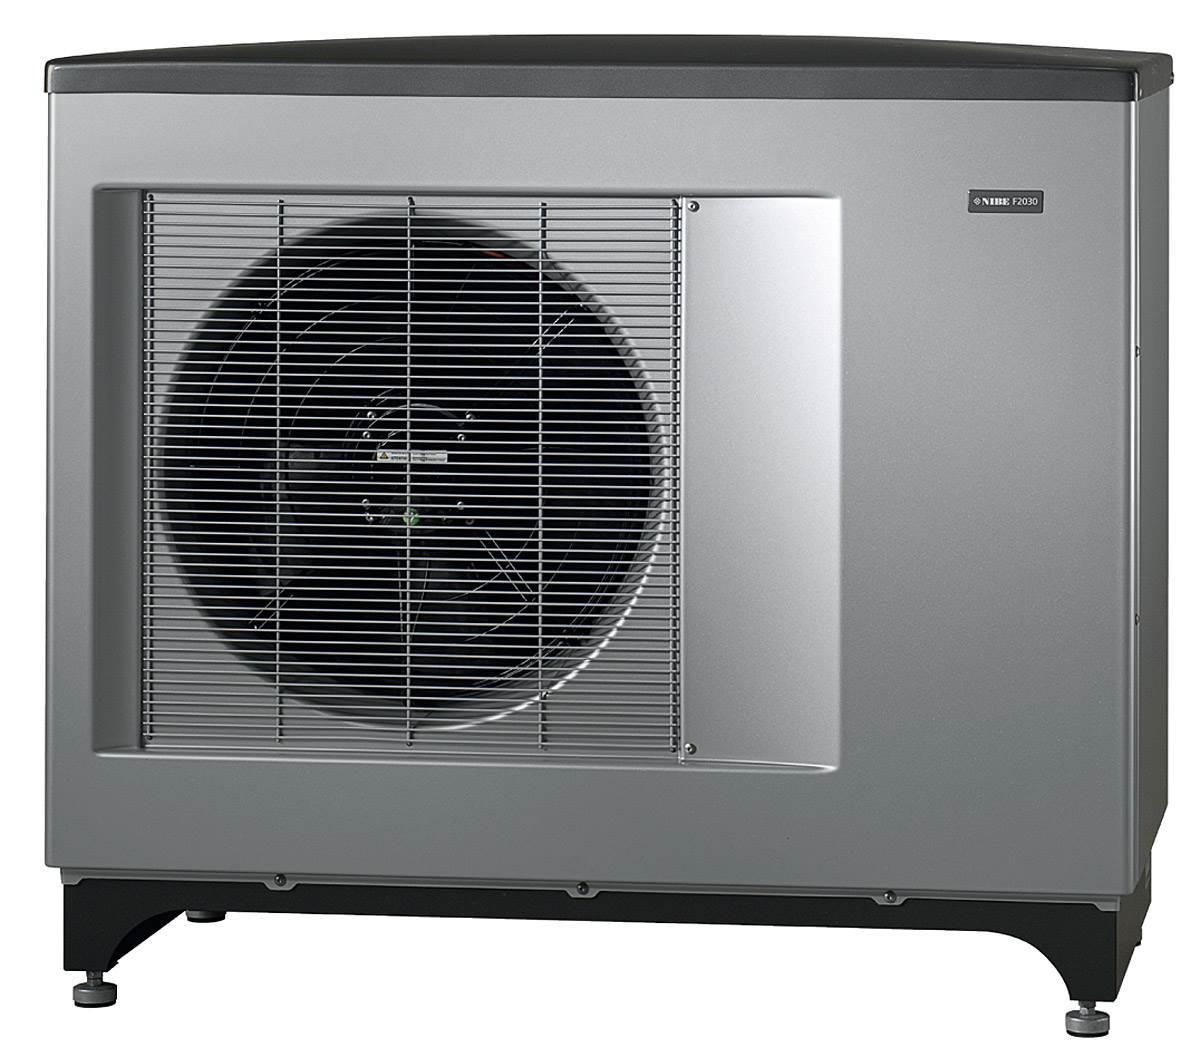 ciepla woda z powietrza 2 - Ciepła woda z powietrza, czyli o powietrznych pompach ciepła do c.w.u.